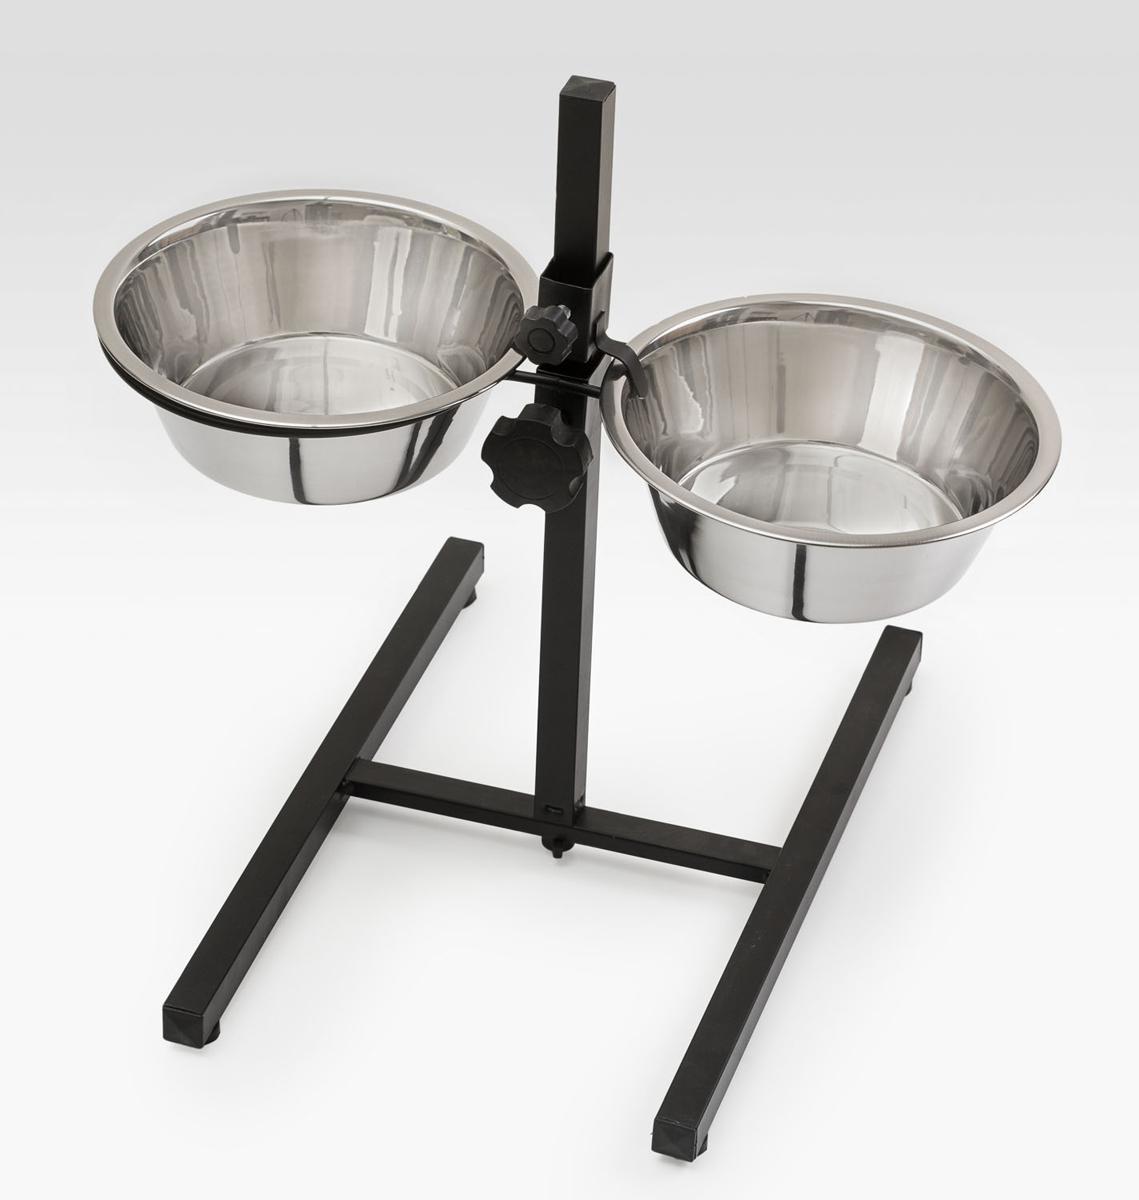 Миска для собак VM  Double Diner , двойная, с телескопической подставкой, 2 х 2,8 л - Аксессуары для кормления